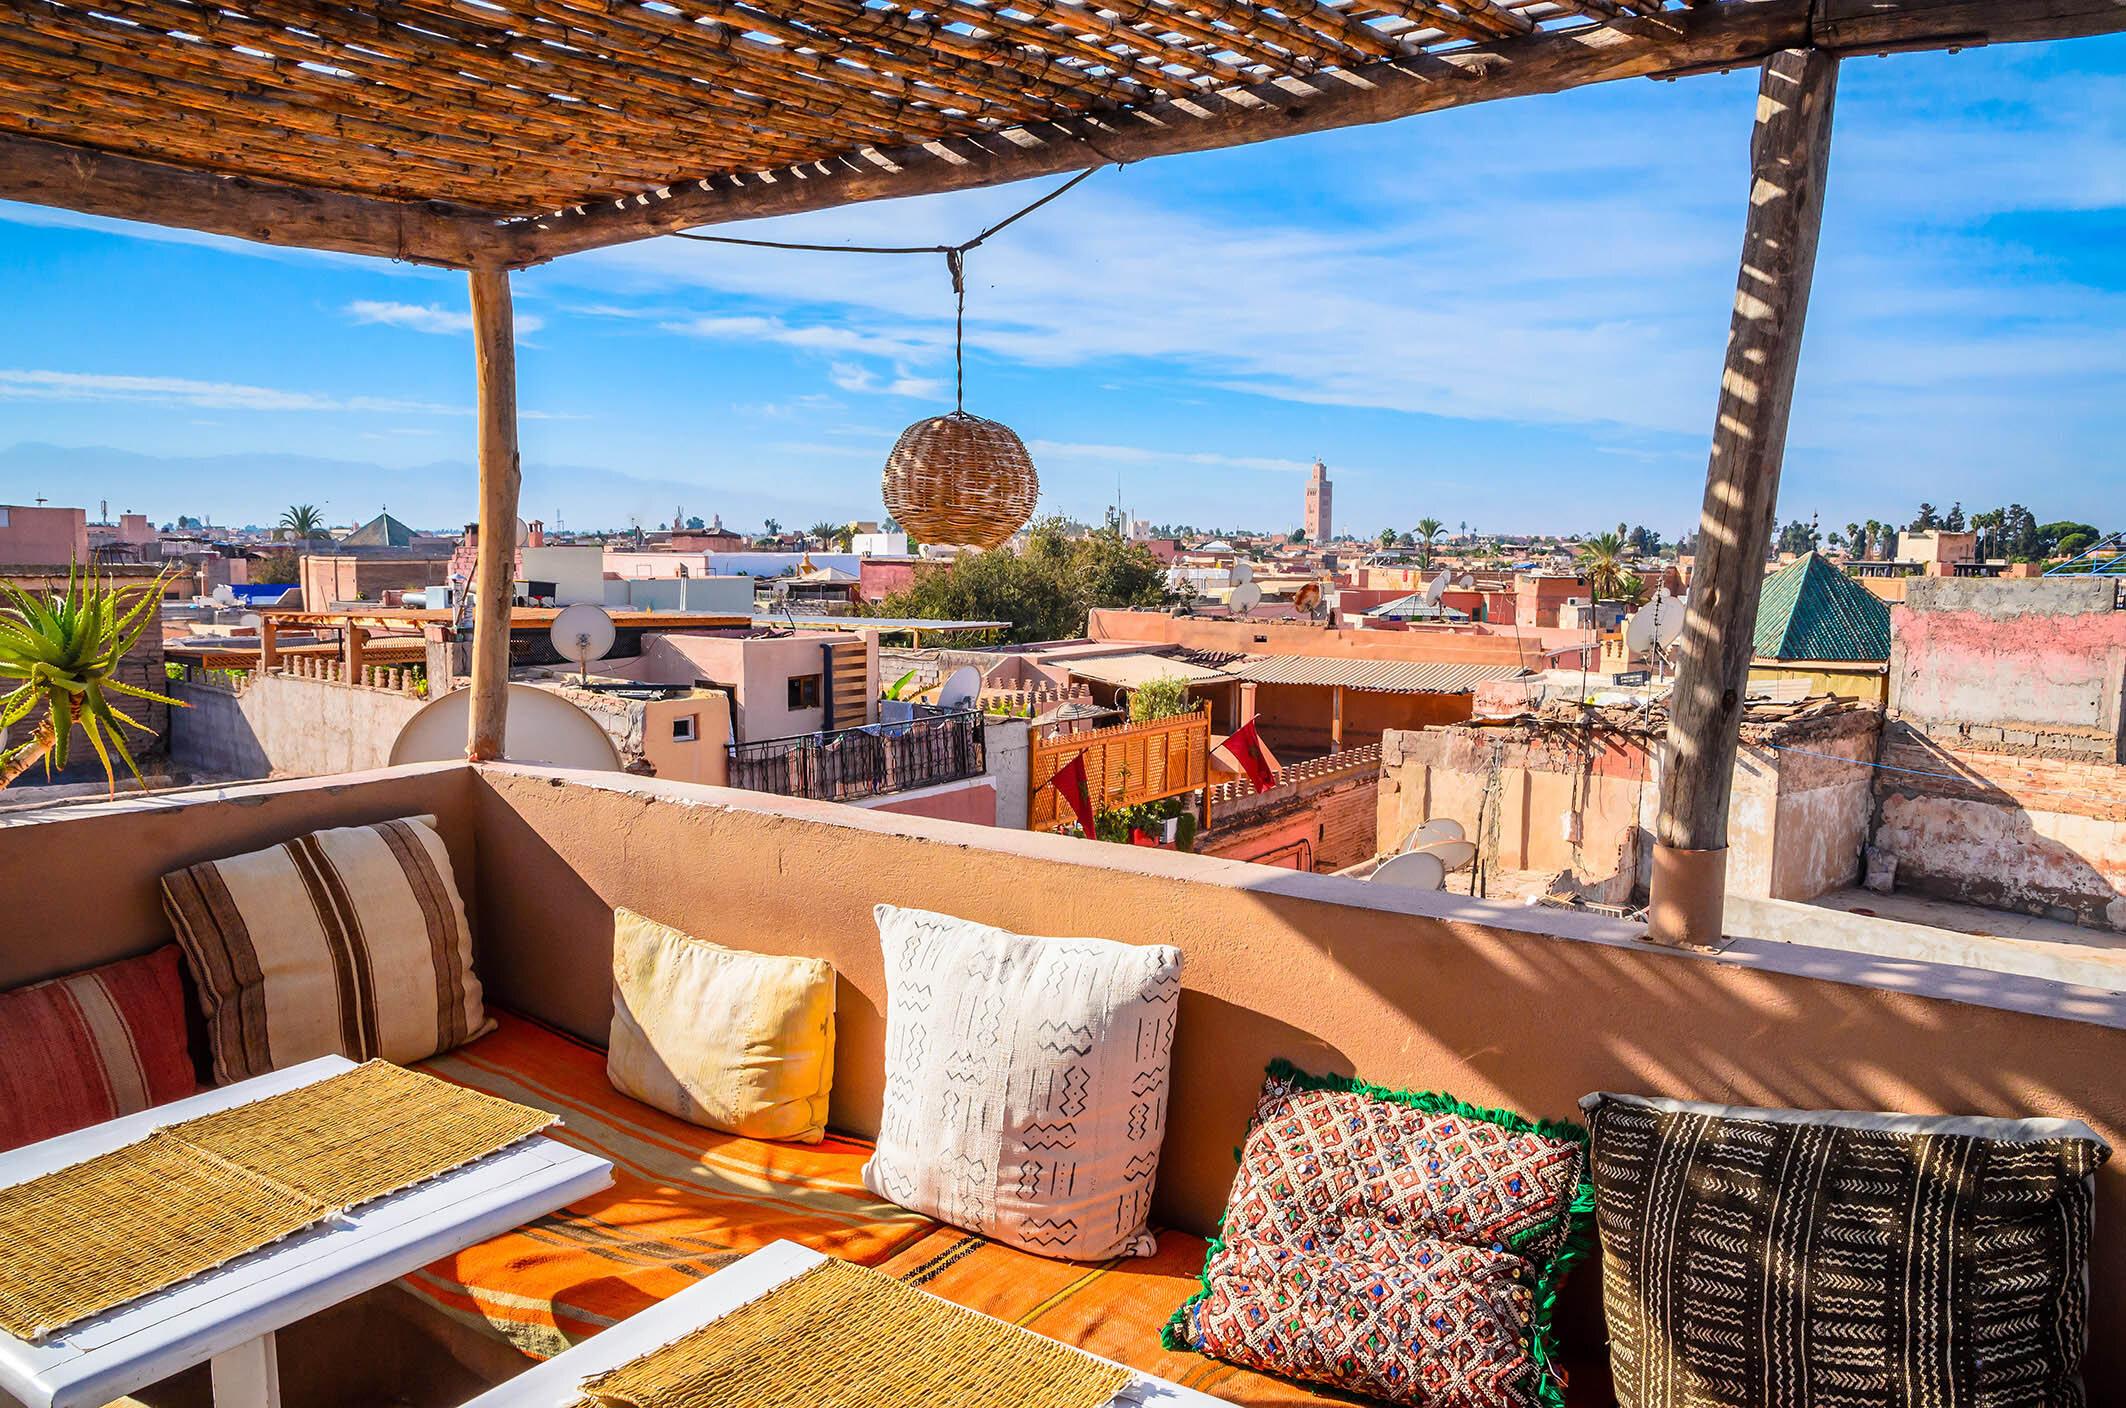 Marokko_Marakesch_AdobeStock_213675480_Olena_Z.jpg